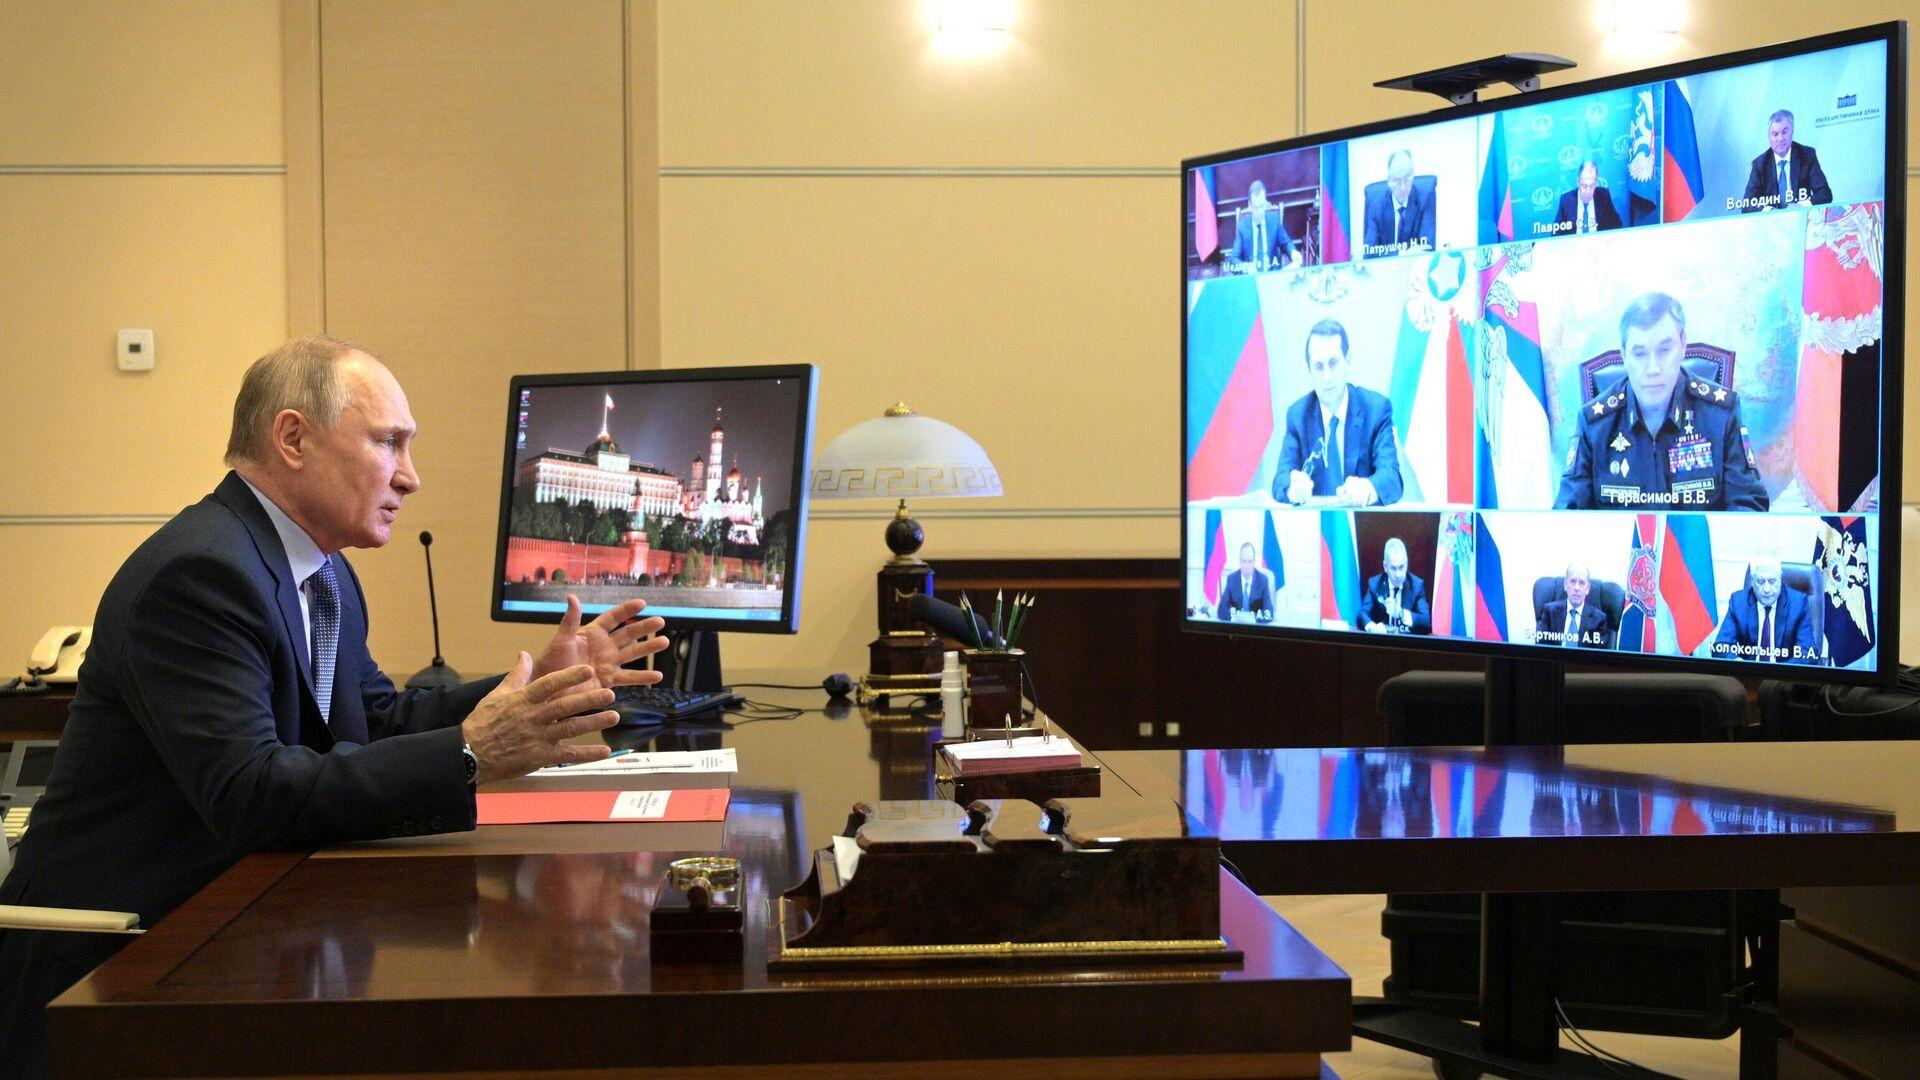 Президент РФ Владимир Путин проводит оперативное совещание с постоянными членами Совета безопасности РФ - РИА Новости, 1920, 14.05.2021